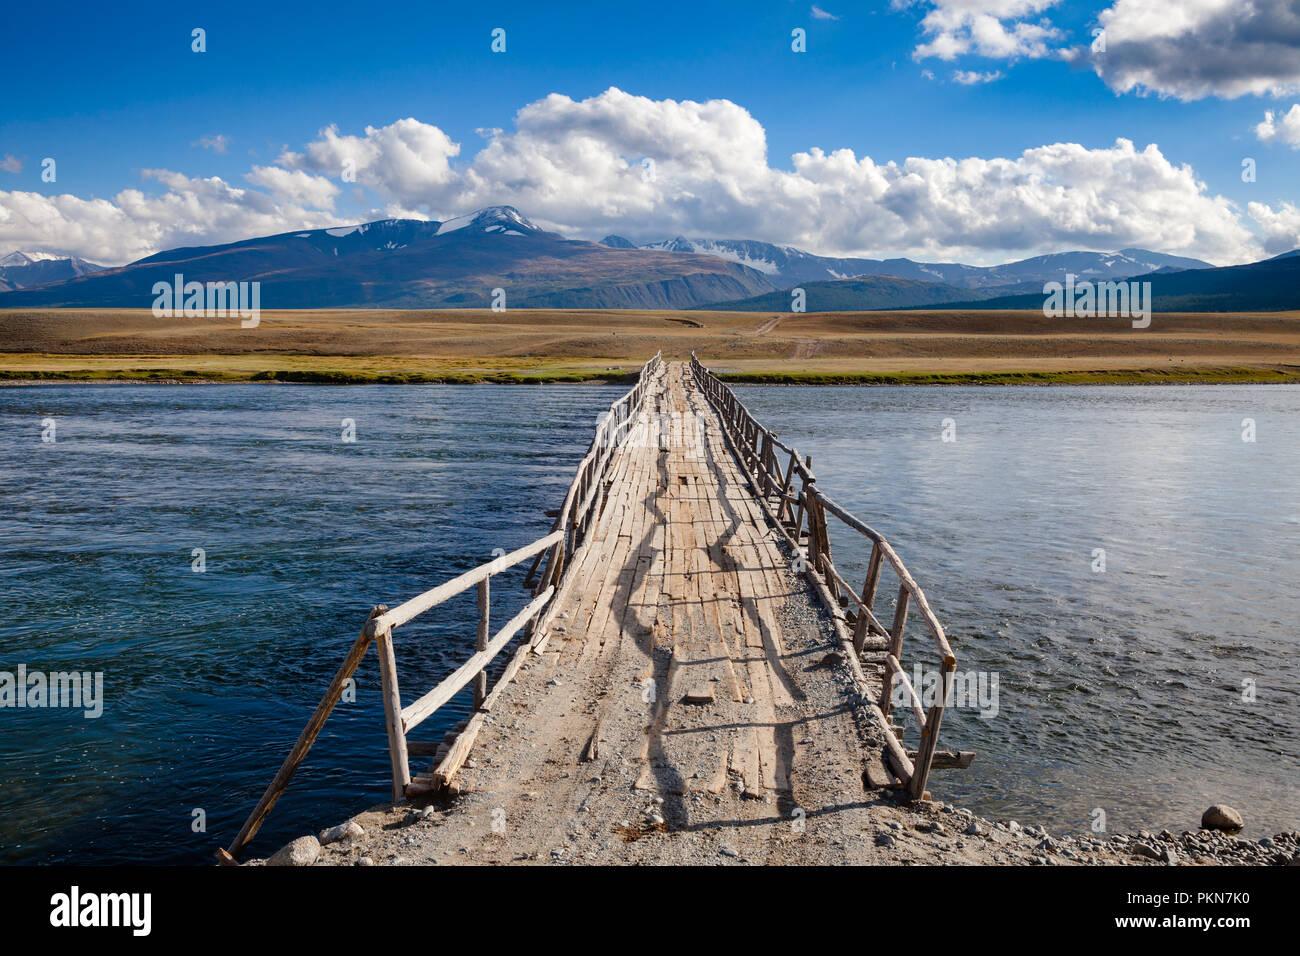 Shabby pont de bois sur une rivière avec des montagnes en arrière-plan, les montagnes de l'Altaï, dans l'ouest de la Mongolie Photo Stock